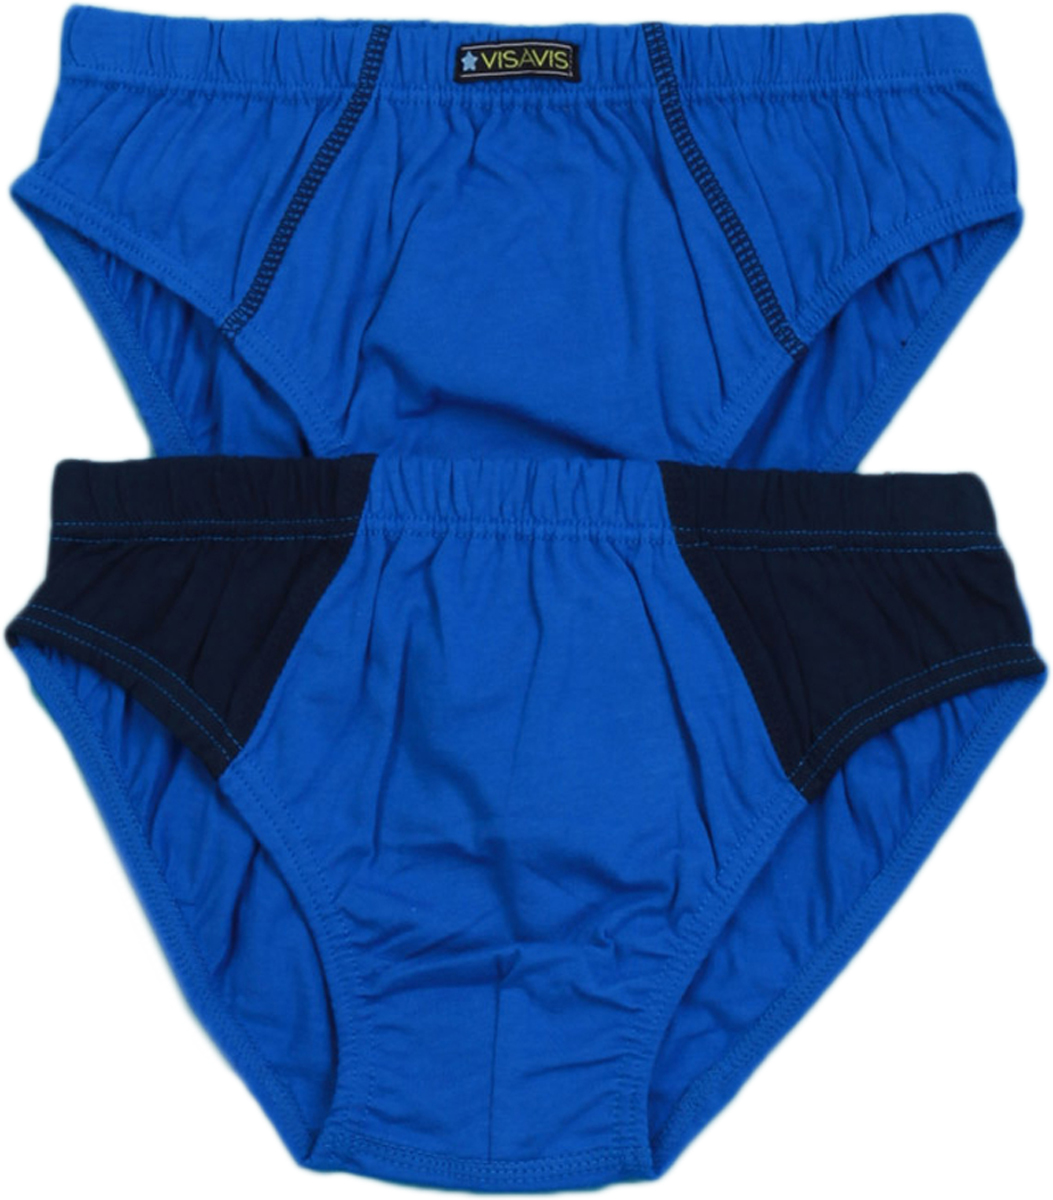 Трусы-слипы для мальчика Vis-A-Vis, цвет: синий, 2 шт. KS14-026. Размер XL (140/146) трусы слипы панда розовые 140 см